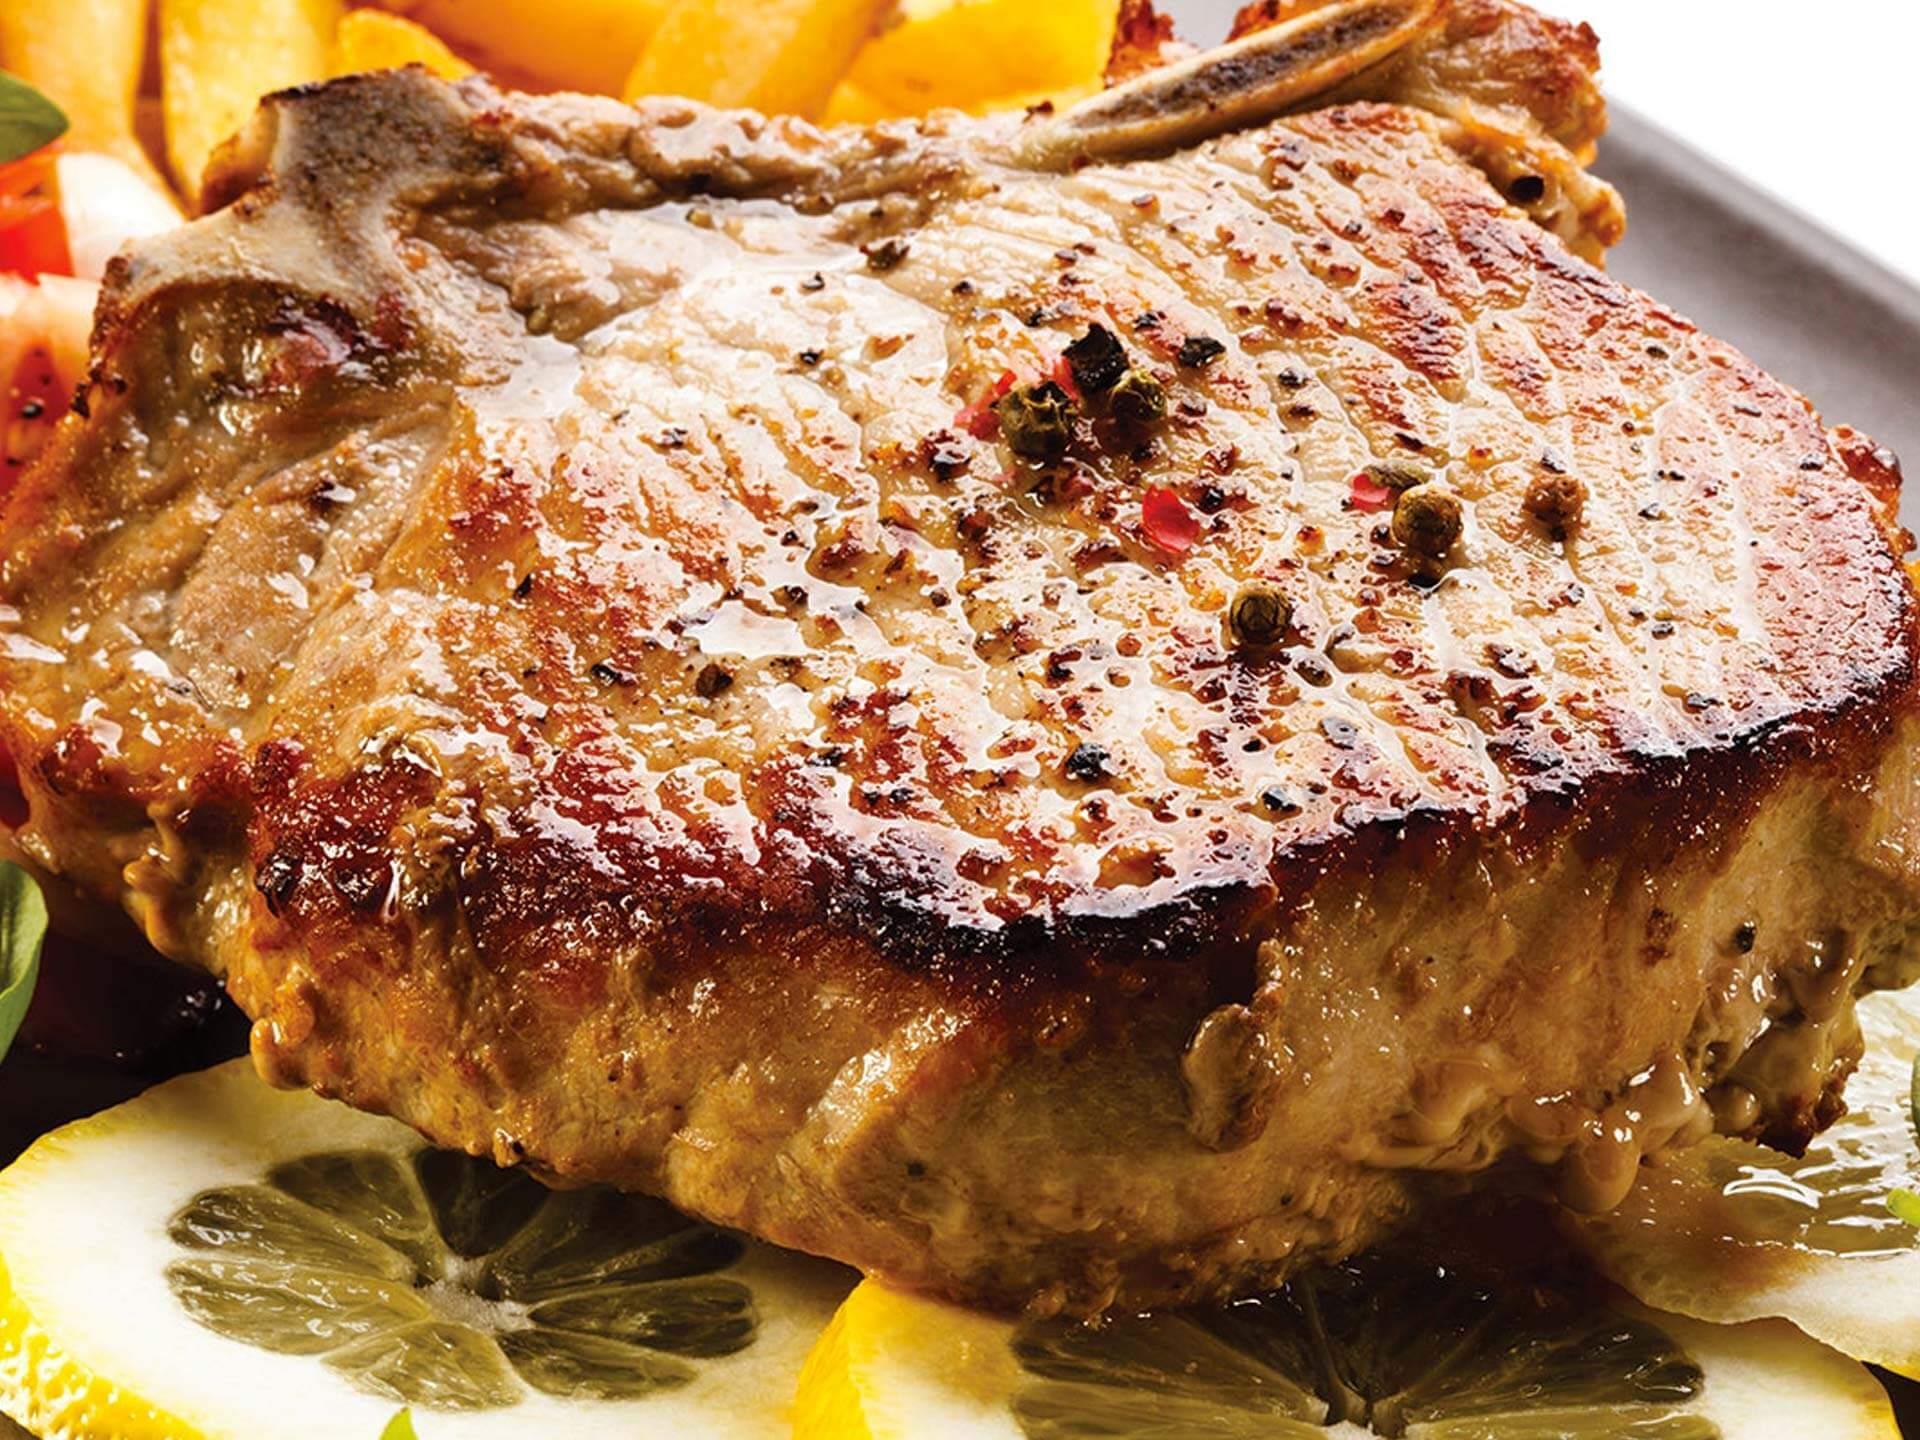 la costata danese del Ristorante Steakhouse Bova's the Grill